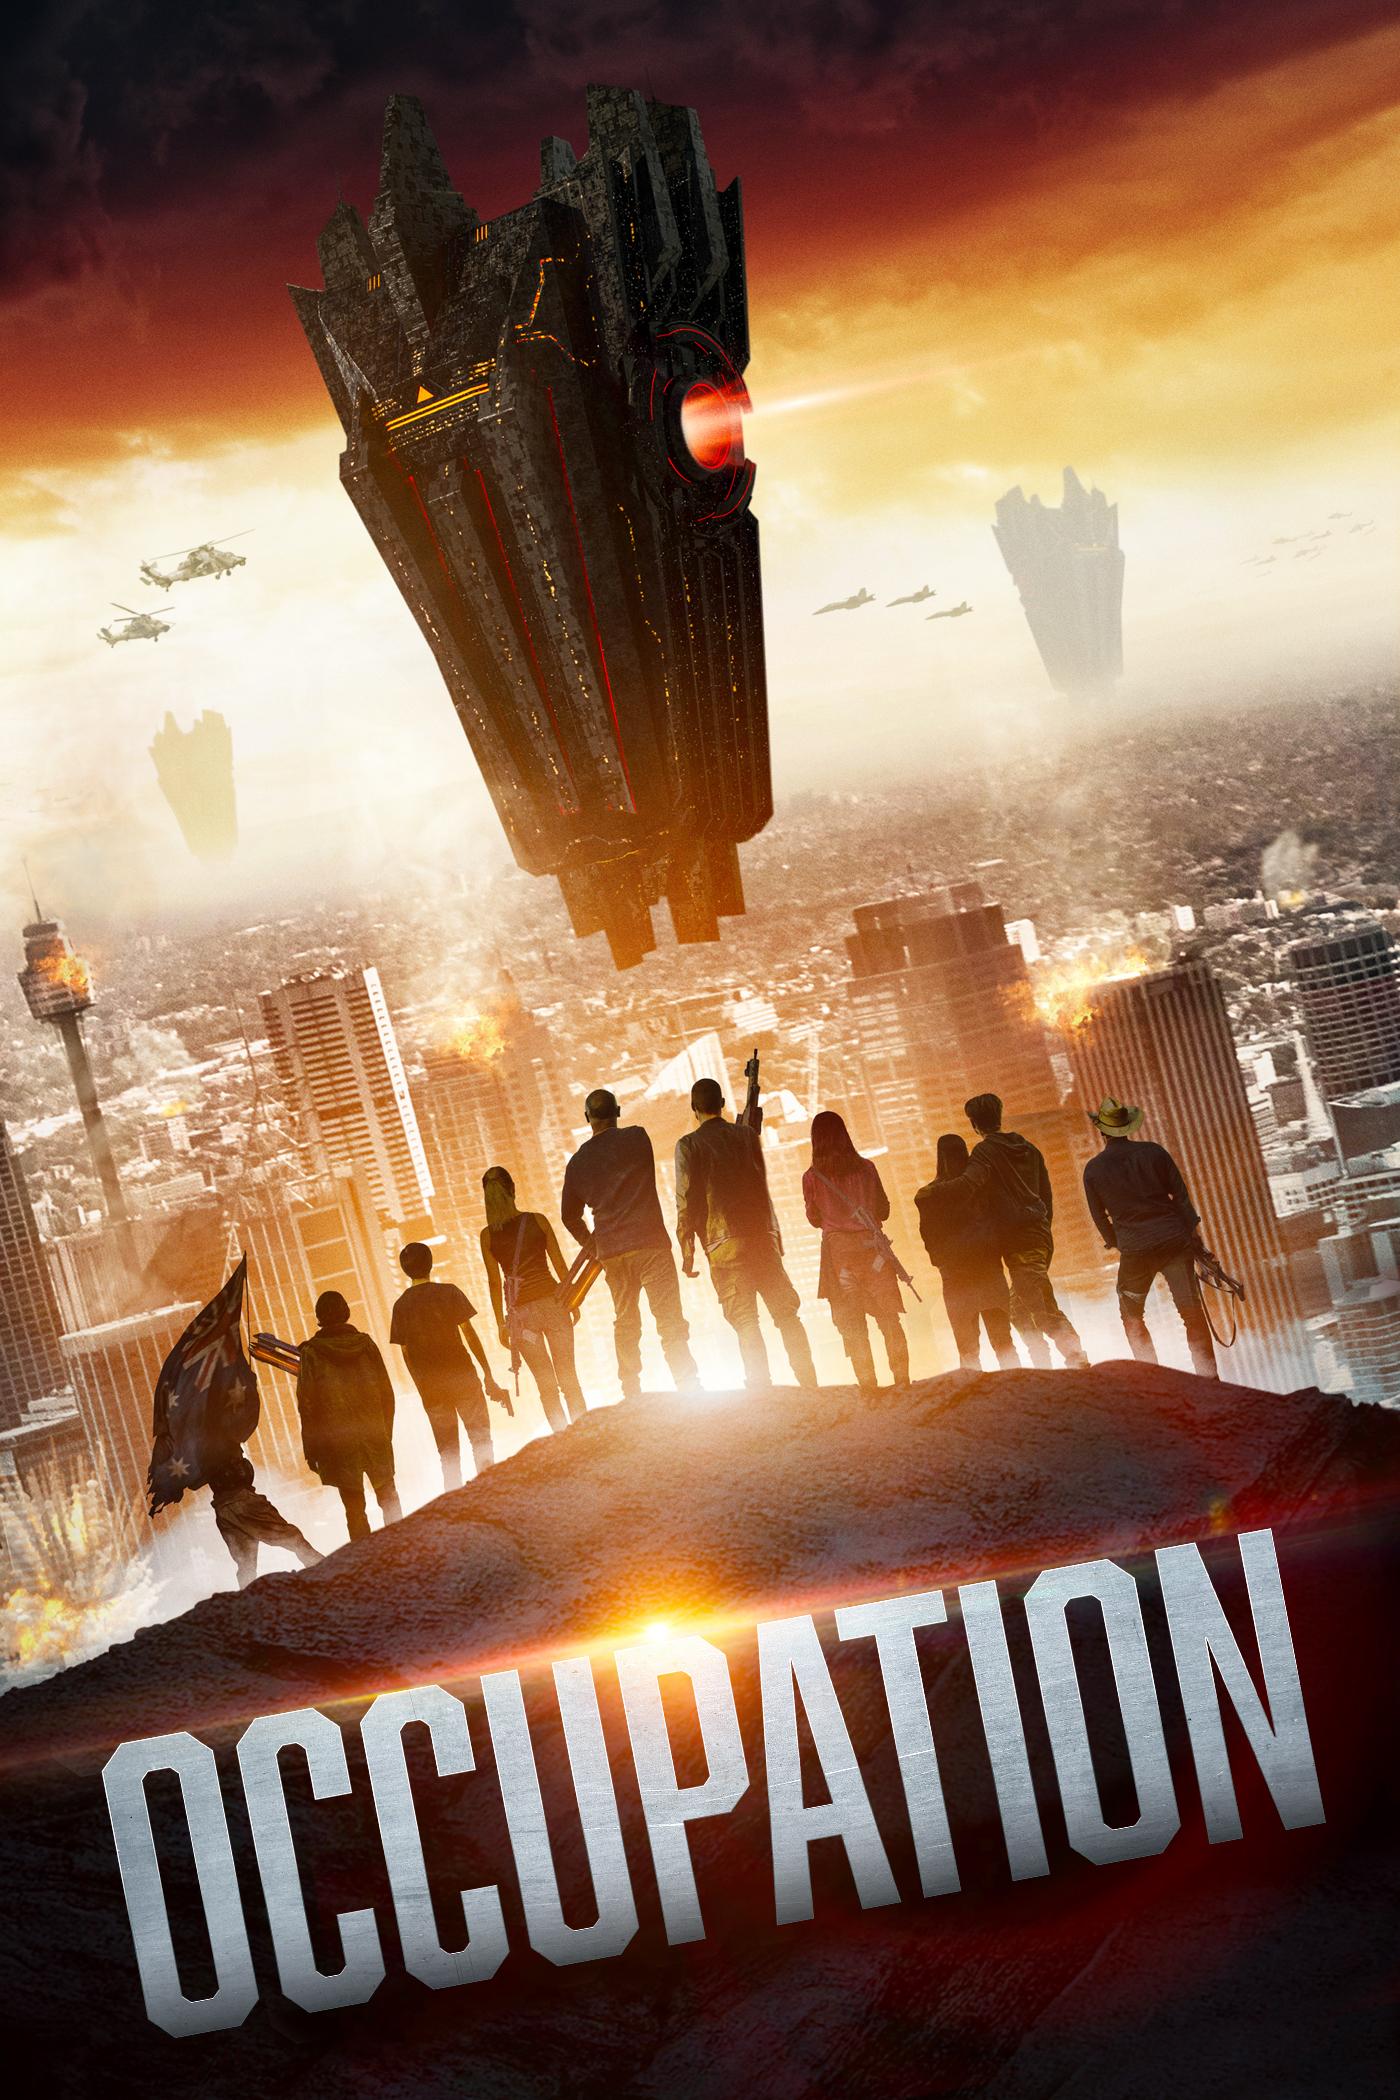 Resultado de imagem para occupation luke sparke poster